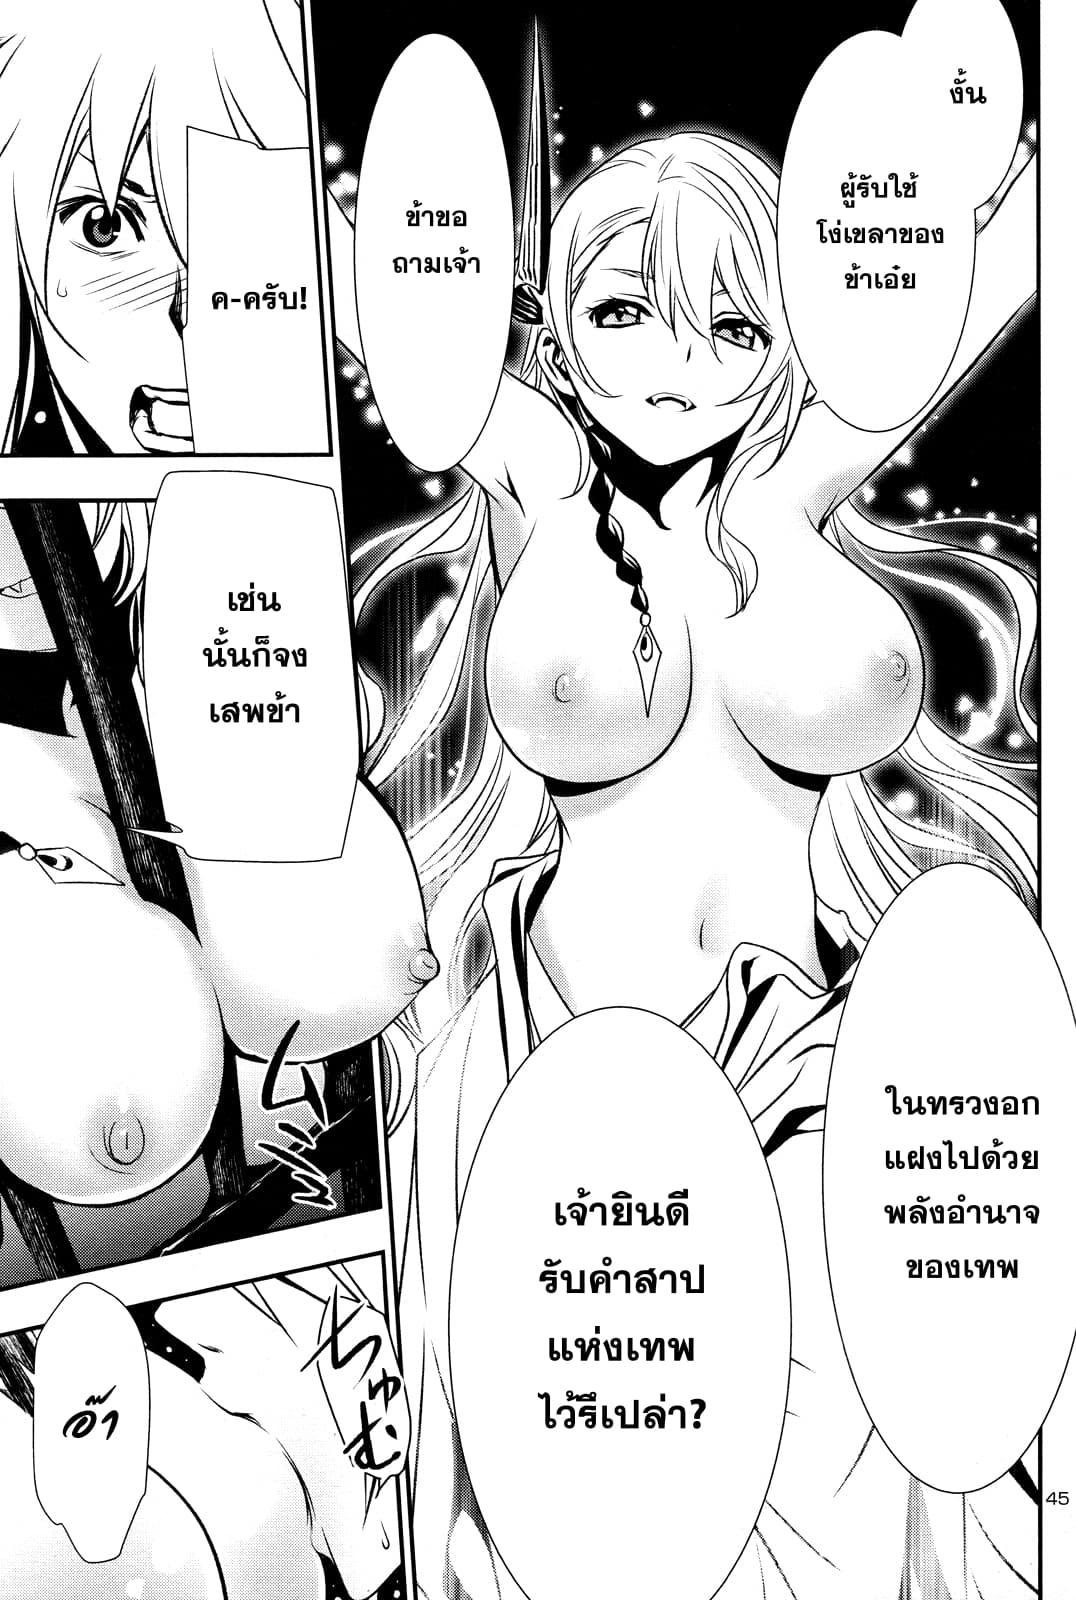 อ่านการ์ตูน Shinju no Nectar ตอนที่ 6 หน้าที่ 45